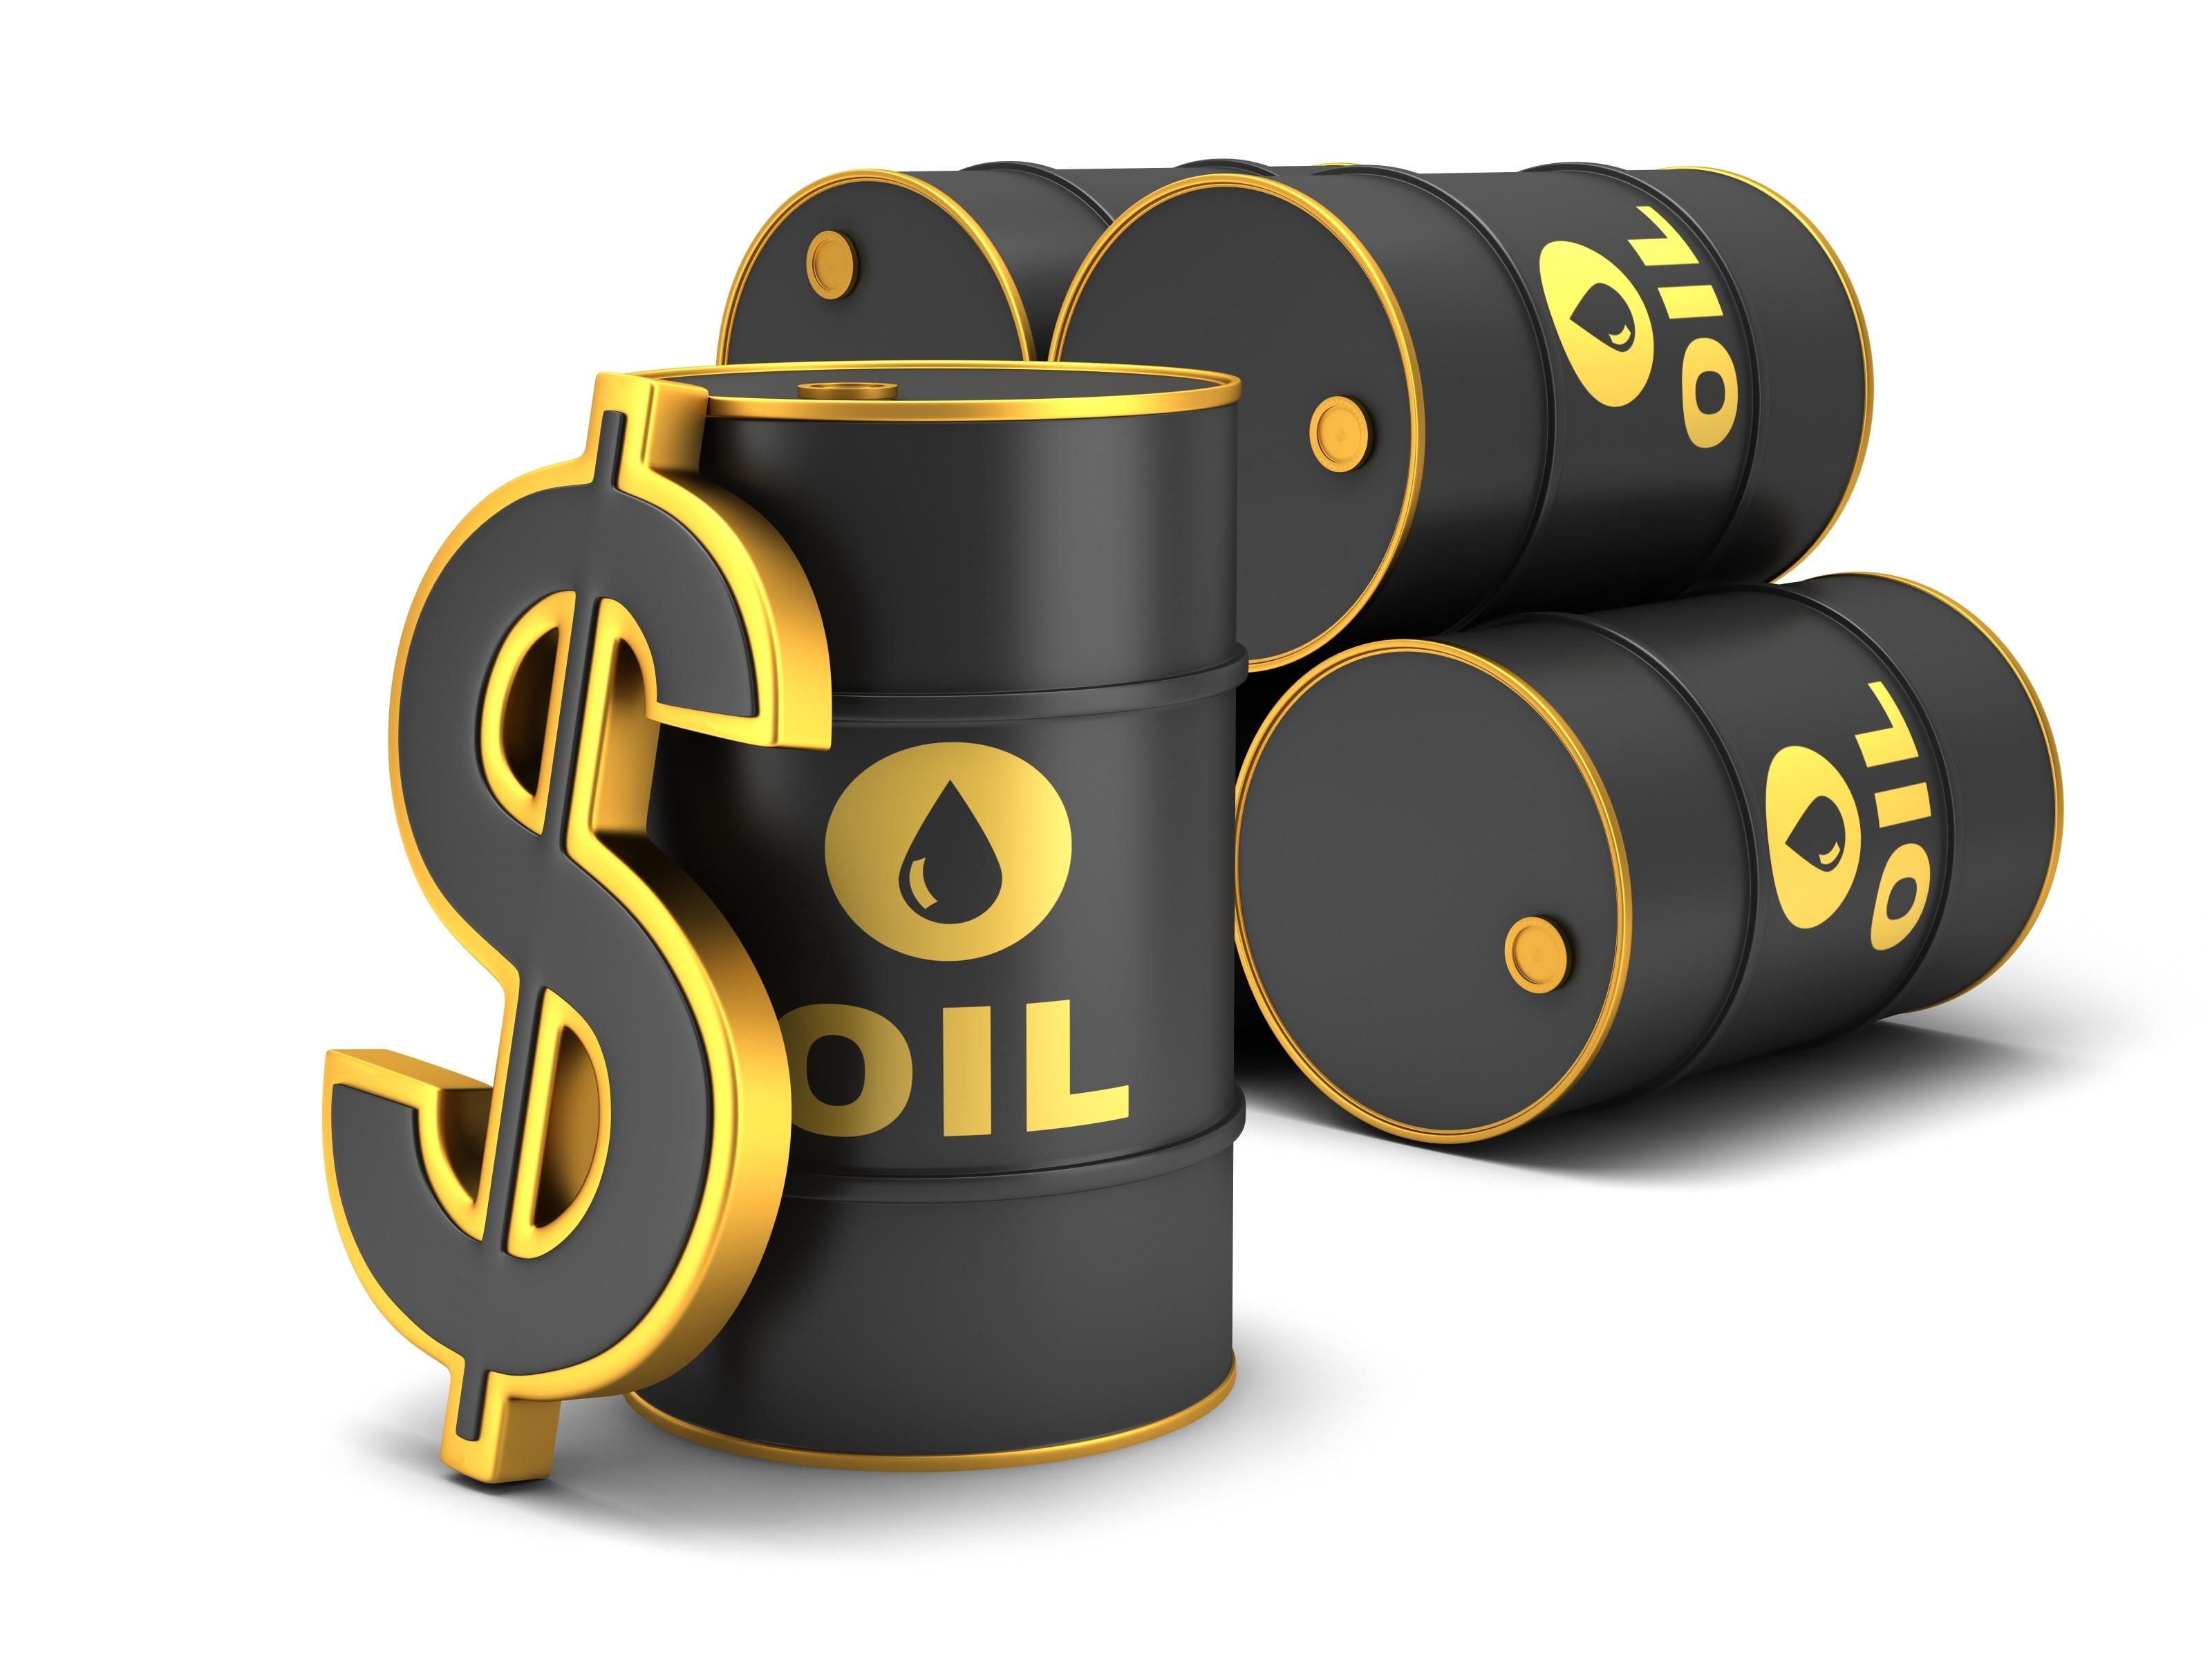 Dầu Vọt Gần 1.5% Nhờ Dấu Hiệu OPEC Không Nâng Sản Lượng